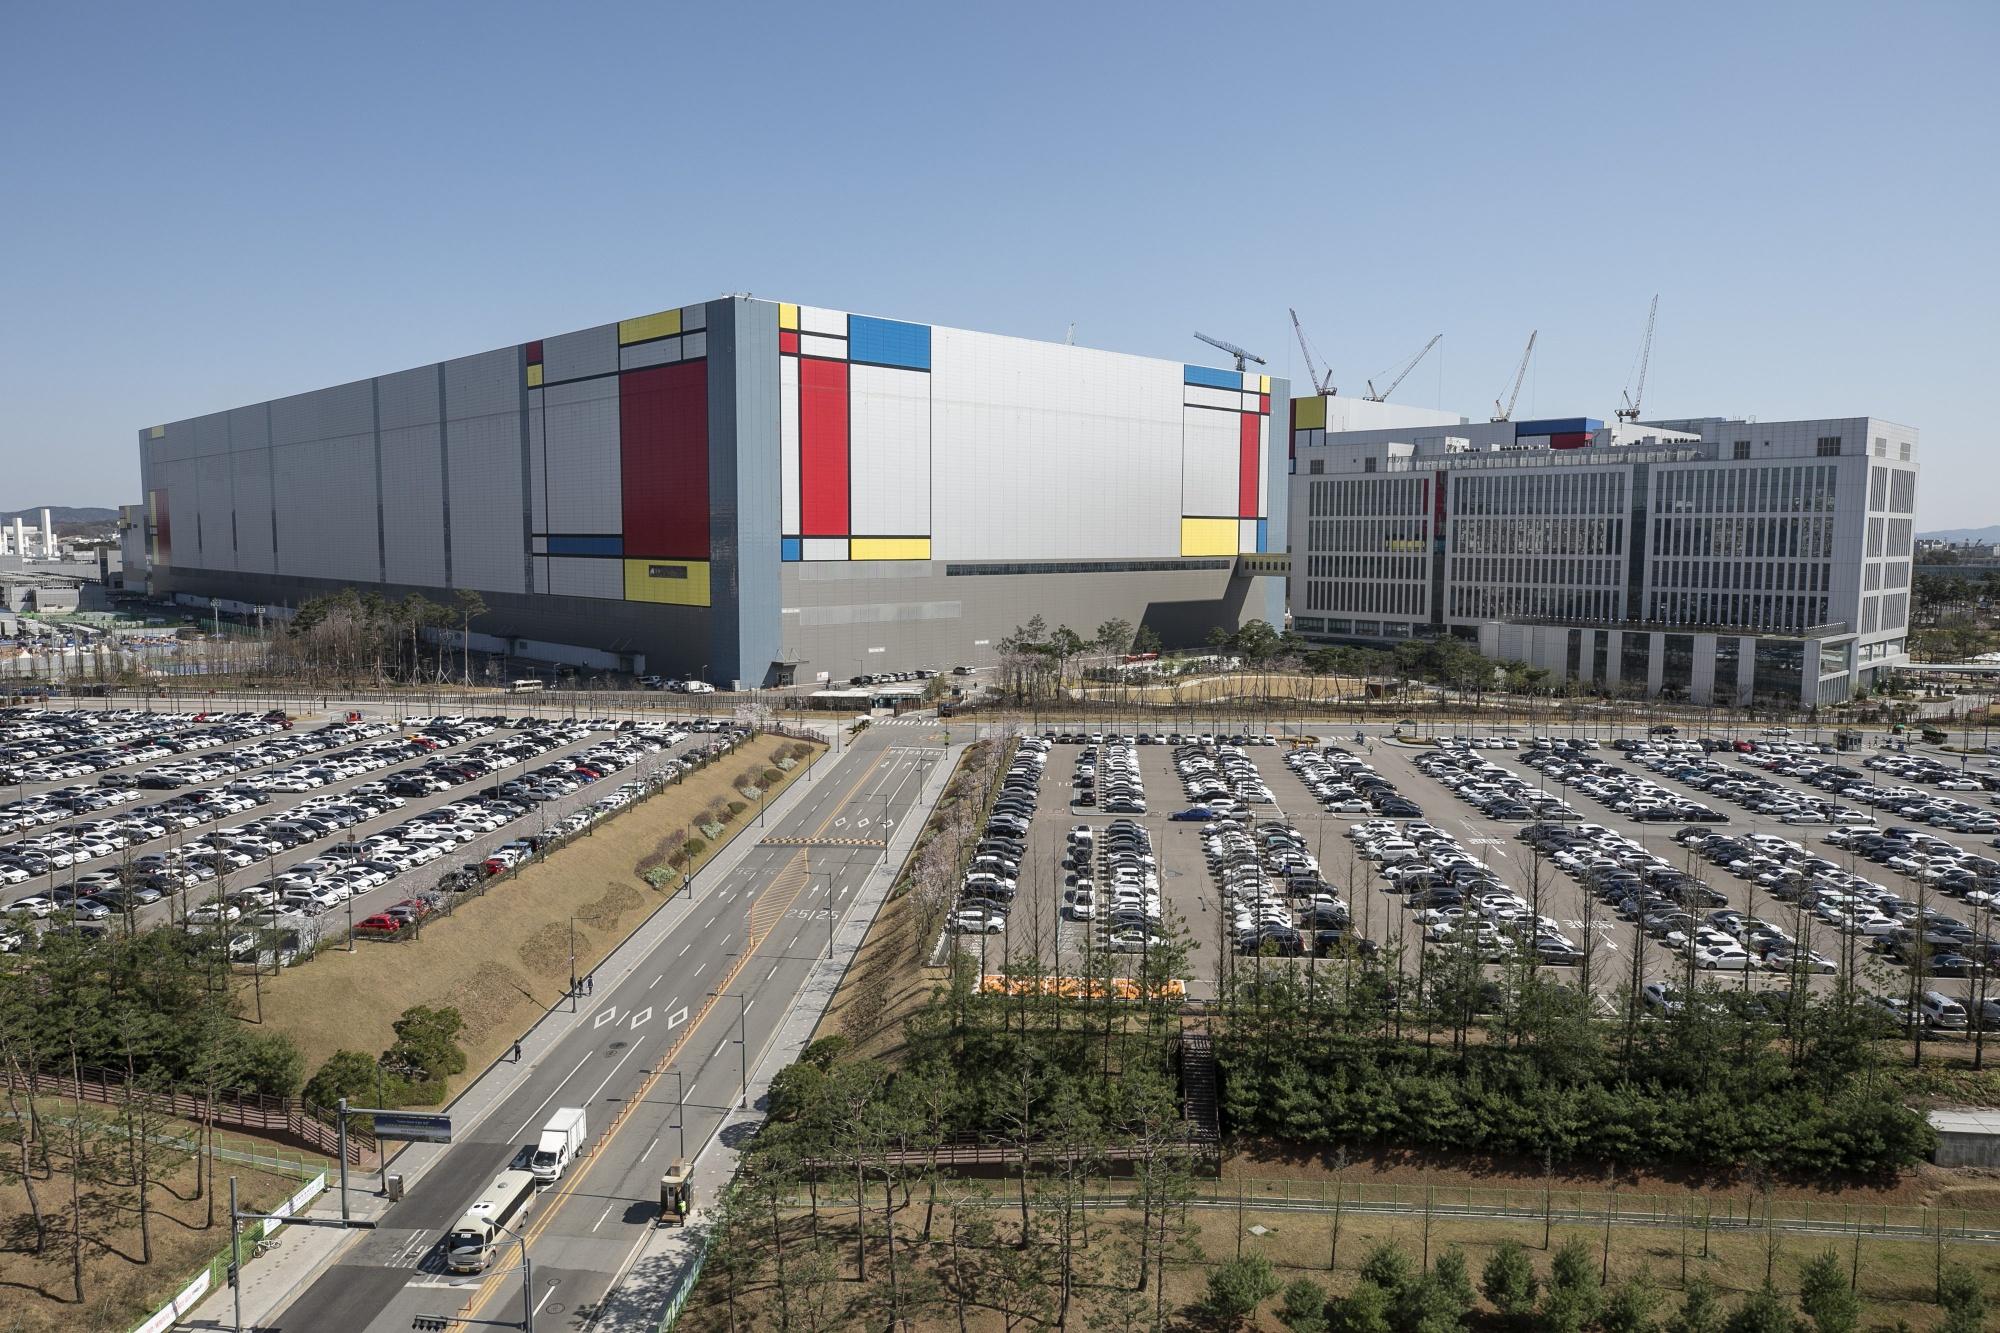 Nhà máy bán dẫn của Samsung Electronics tại Pyeongtaek, Hàn Quốc. Ảnh: Bloomberg.